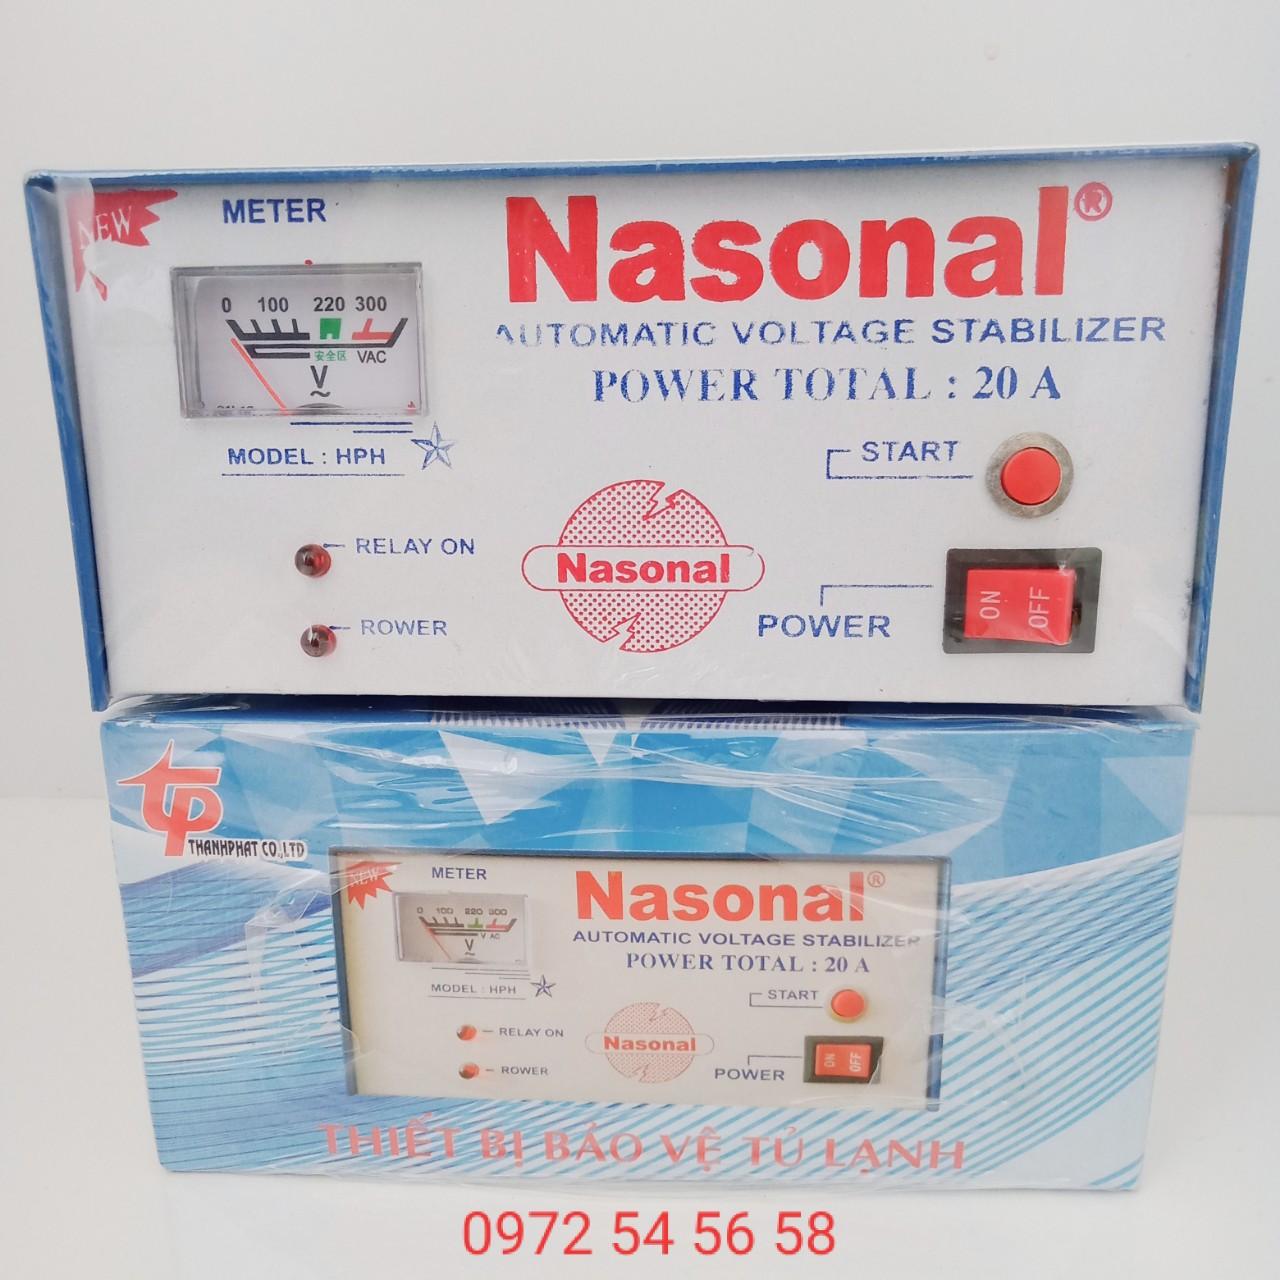 Bảng giá Relay, thiết bị bảo vệ tủ lạnh, ổn áp tủ lạnh cao cấp 20A NASONAL - Điện -gia dụng ngọc hân Điện máy Pico